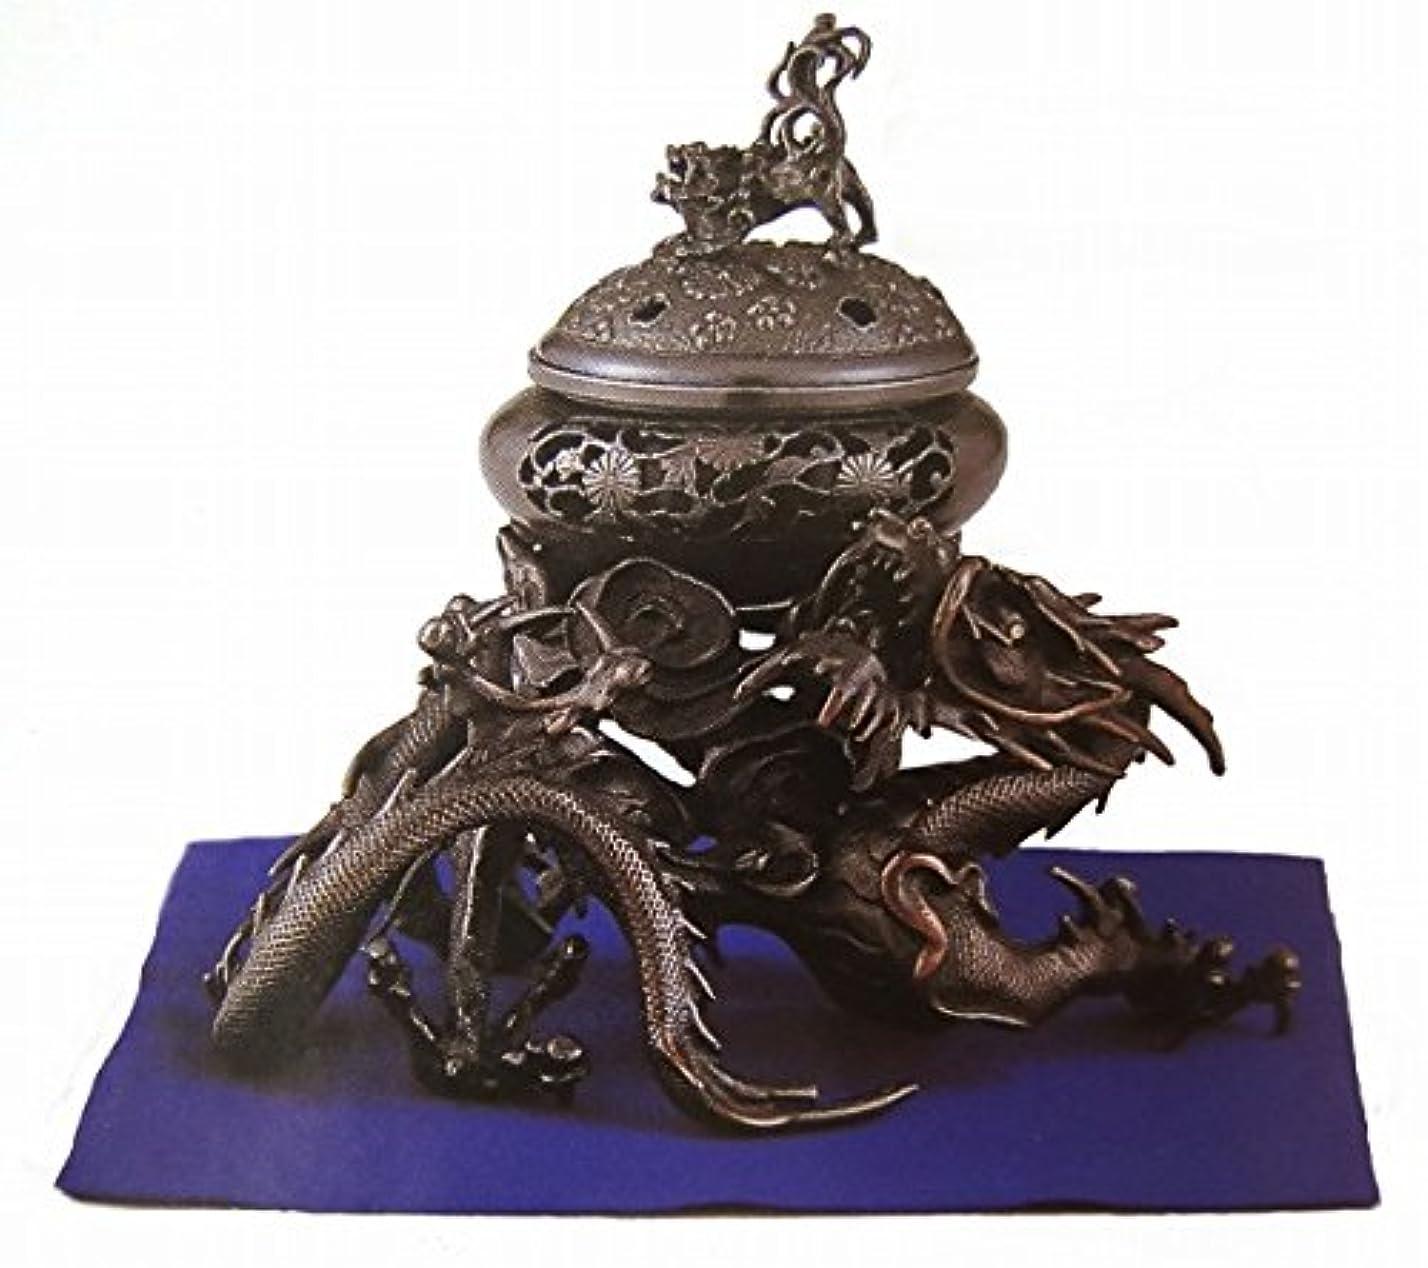 格差アセ強調する『吉祥龍香炉』銅製